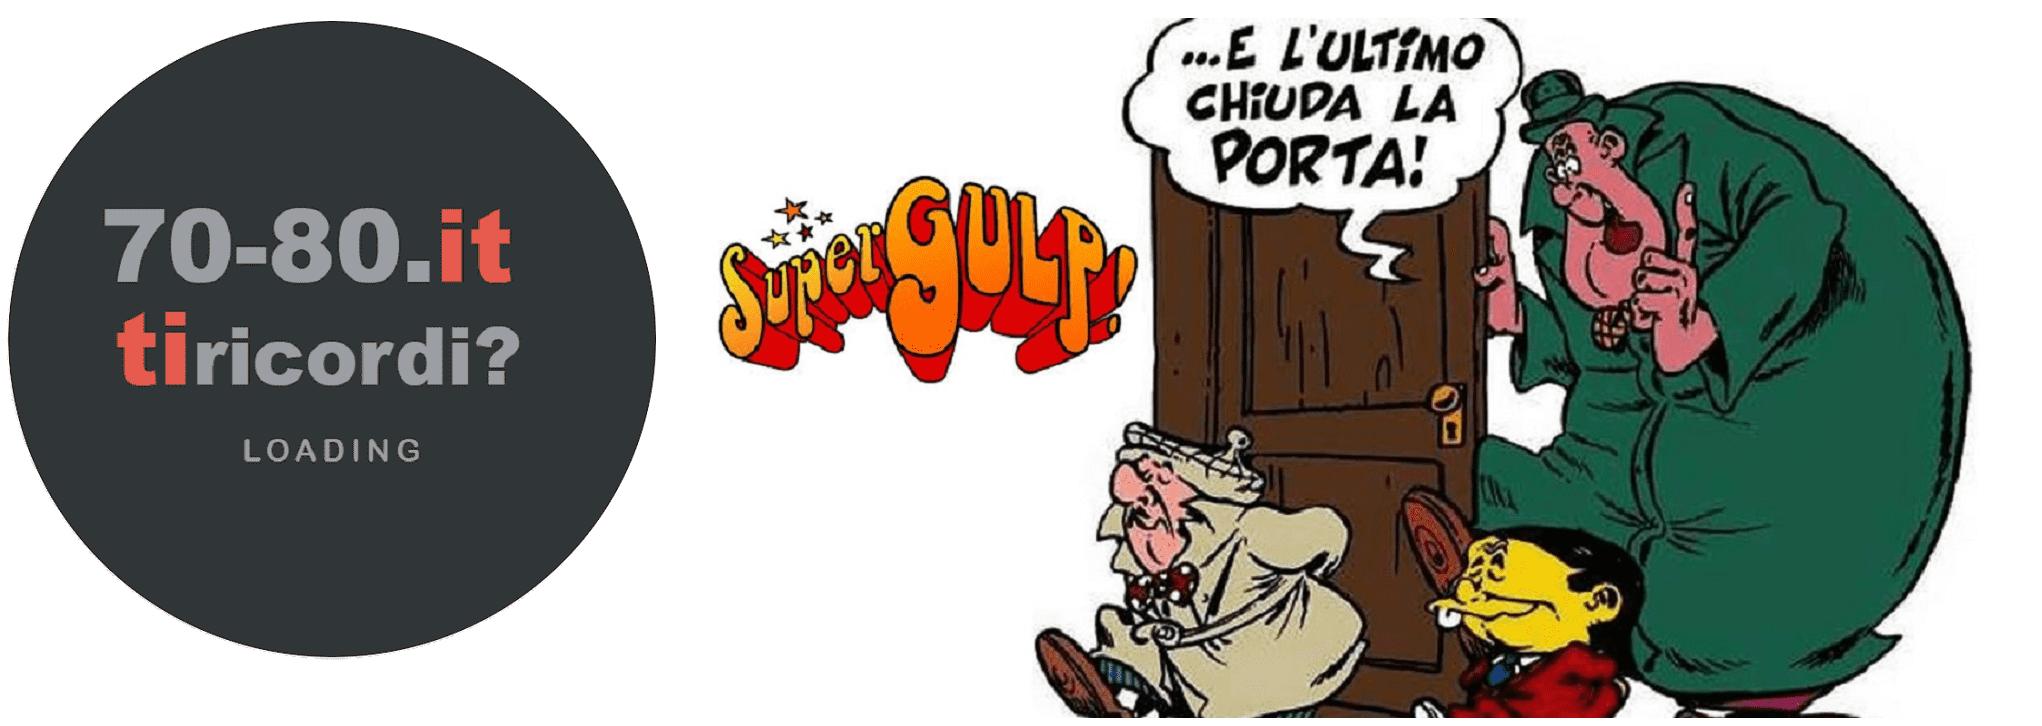 supergulp